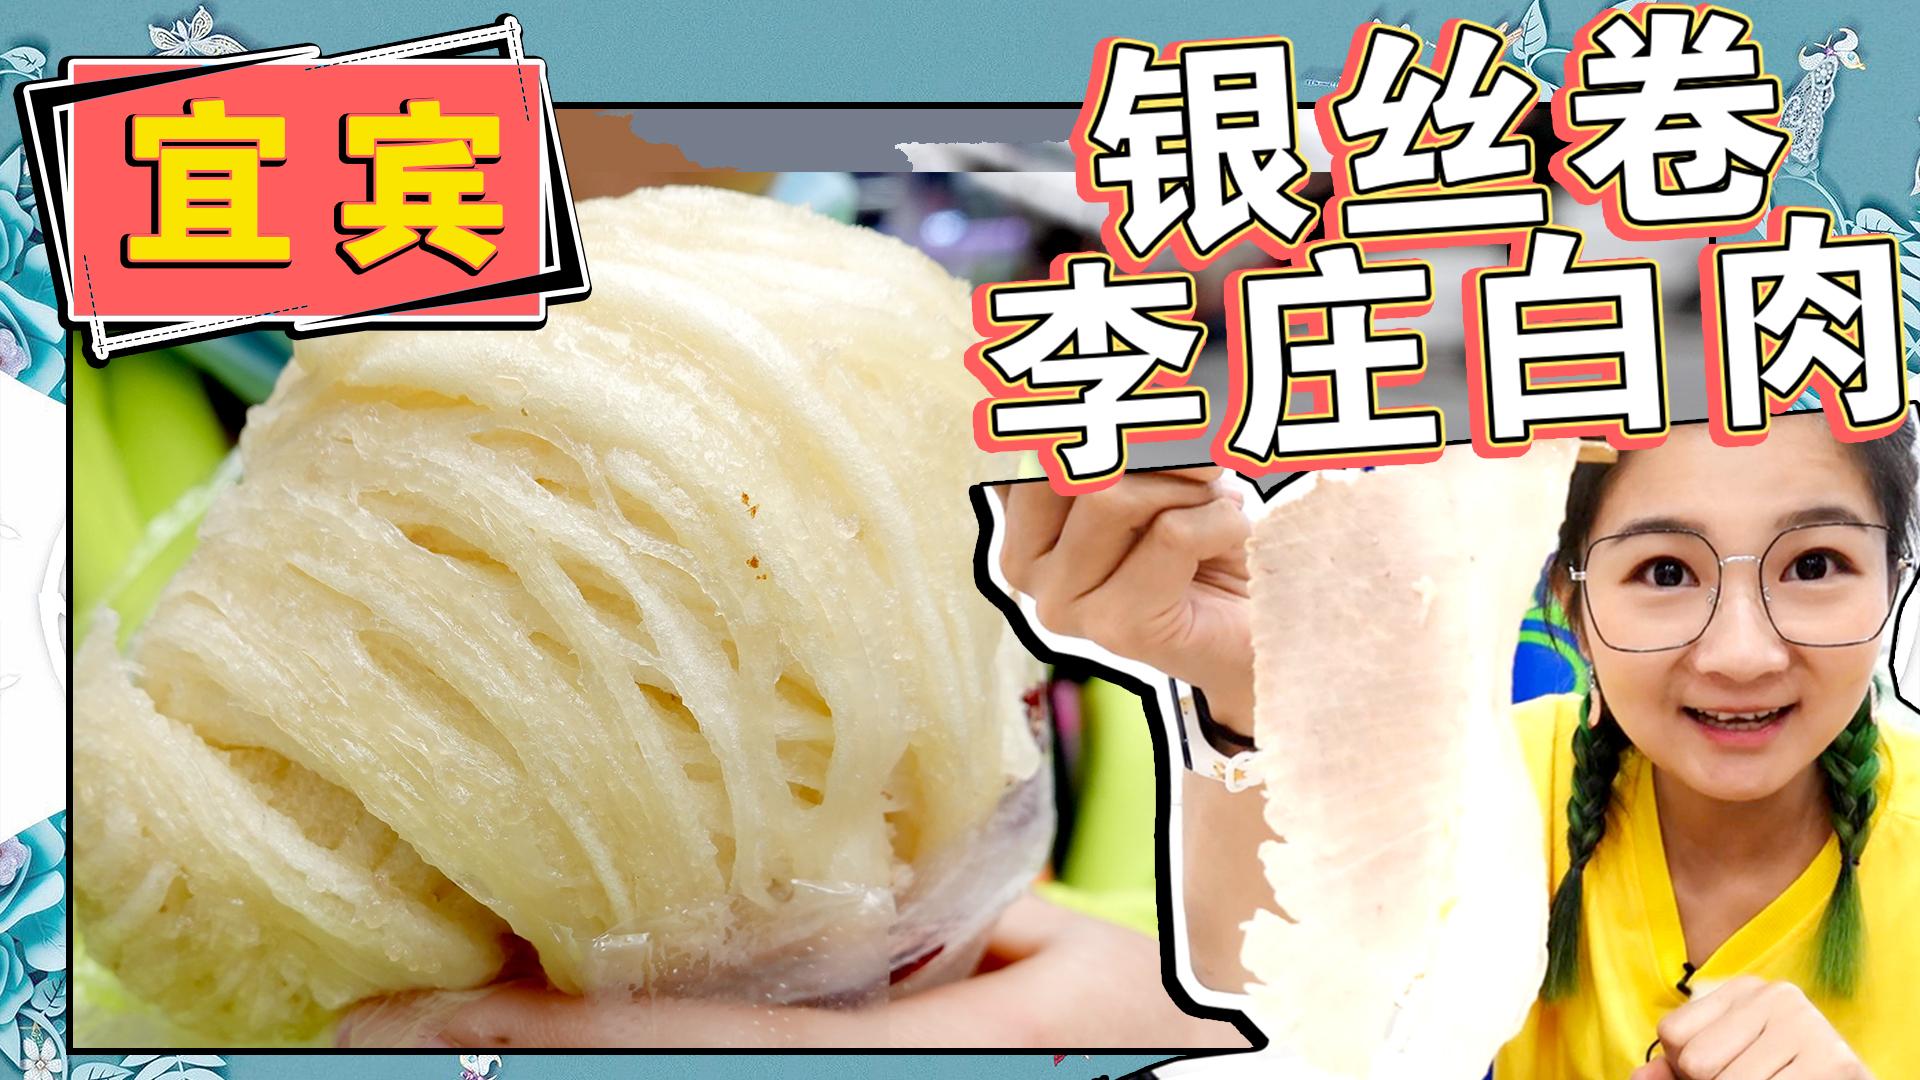 【逛吃宜宾】宜宾特色银丝卷、酱肉大包子!李庄白肉薄如纸!